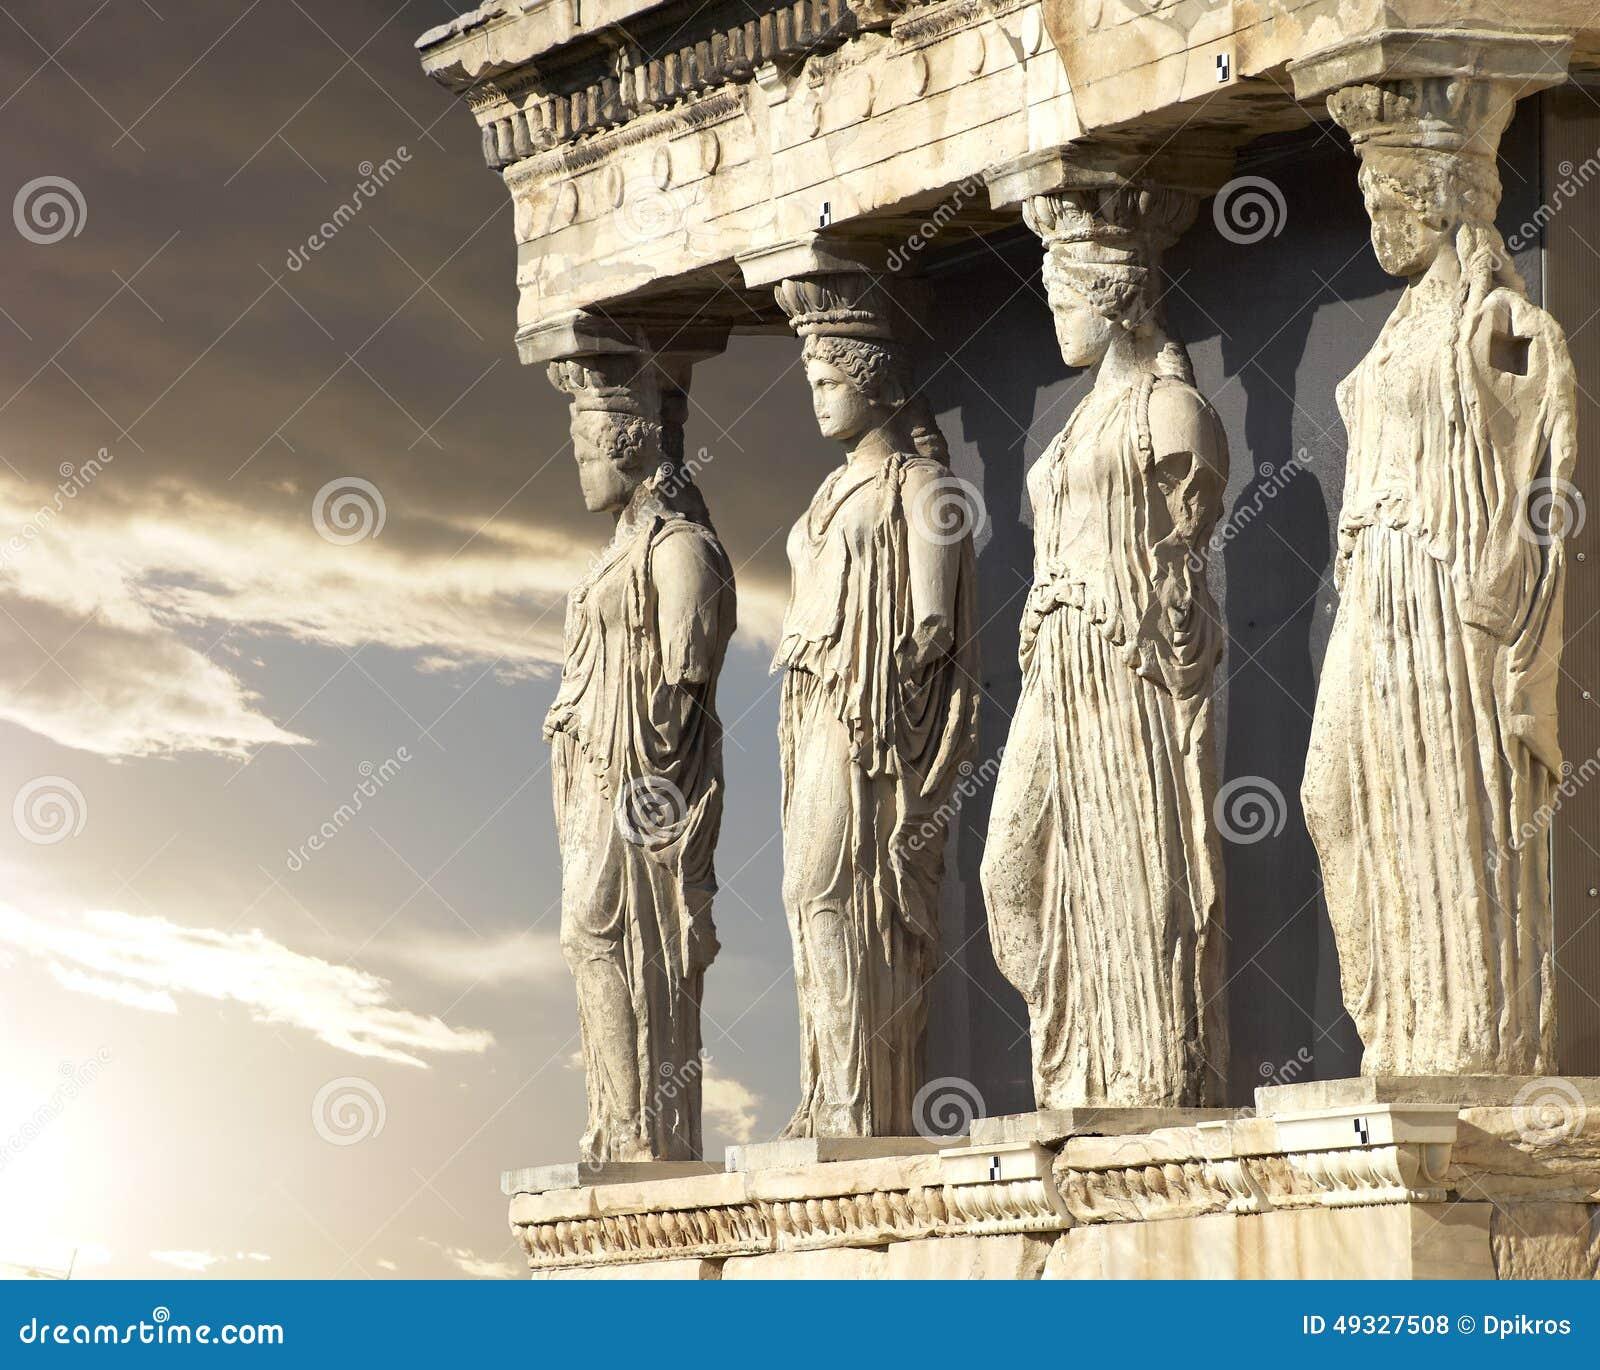 Caryatids, erechtheum temple Athens, Greece